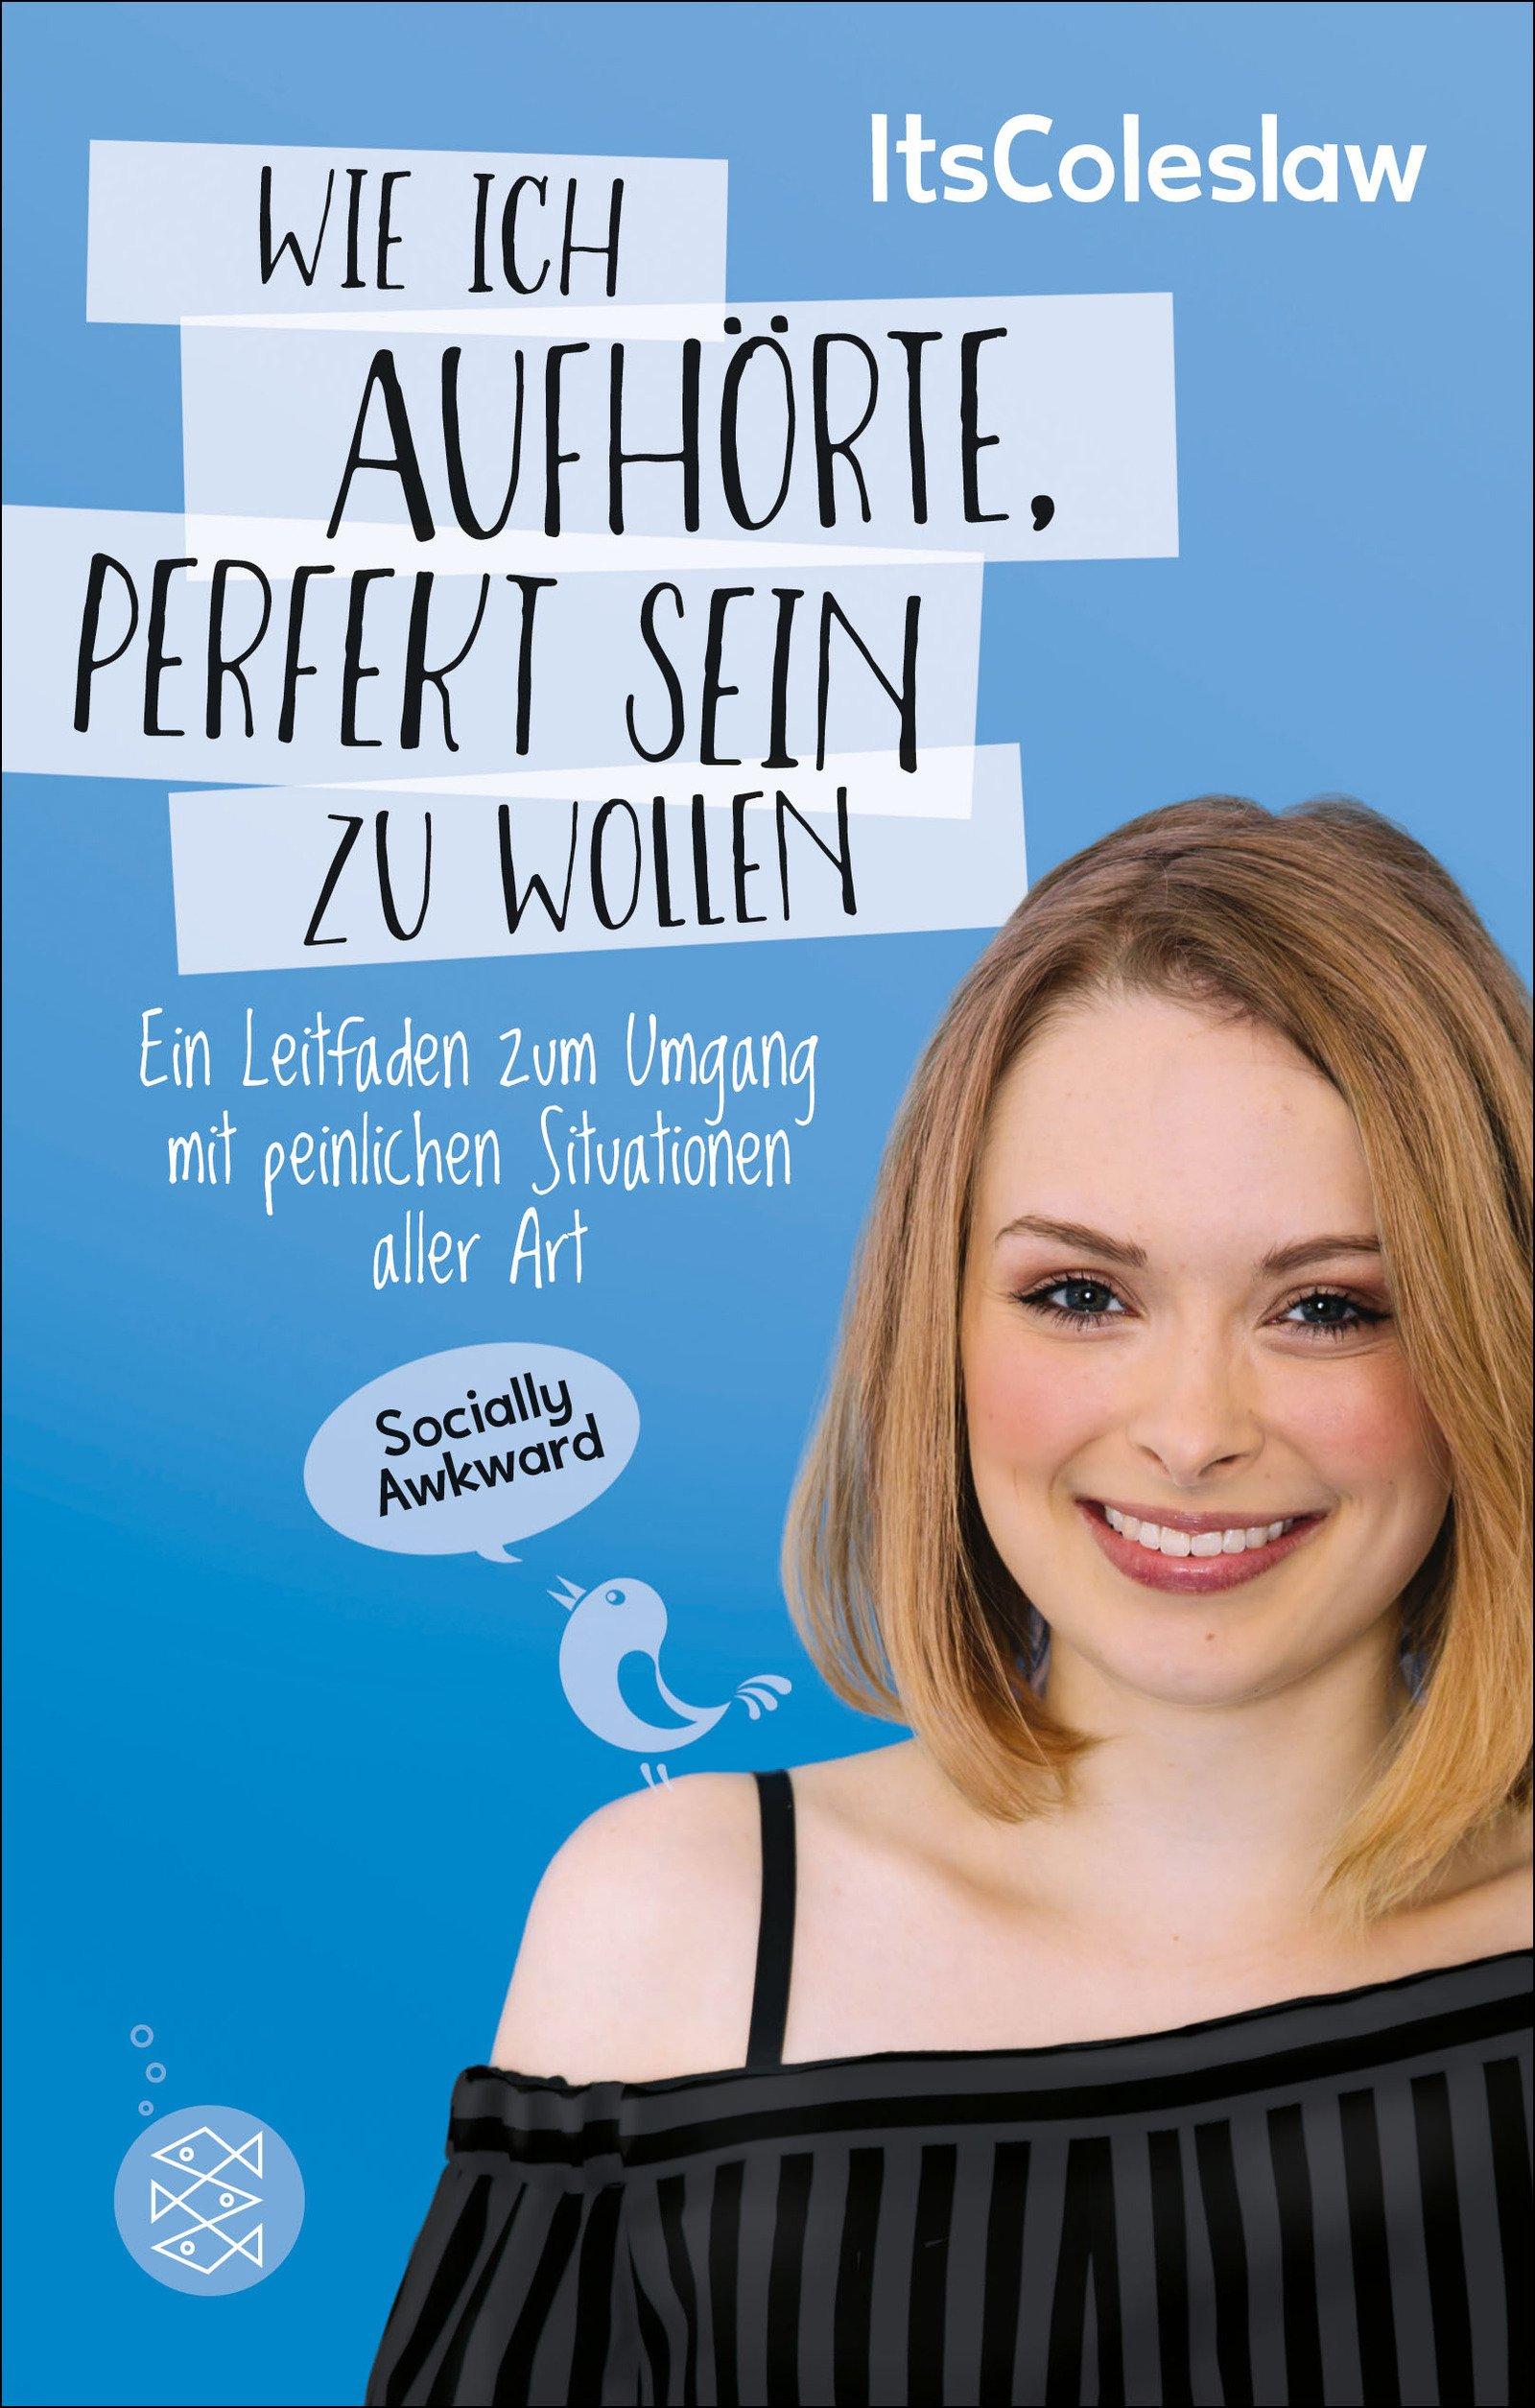 ItsColeslaw: Wie ich aufhörte perfekt sein zu wollen: Ein Leitfaden zum Umgang mit peinlichen Situationen aller Art (German Edition)